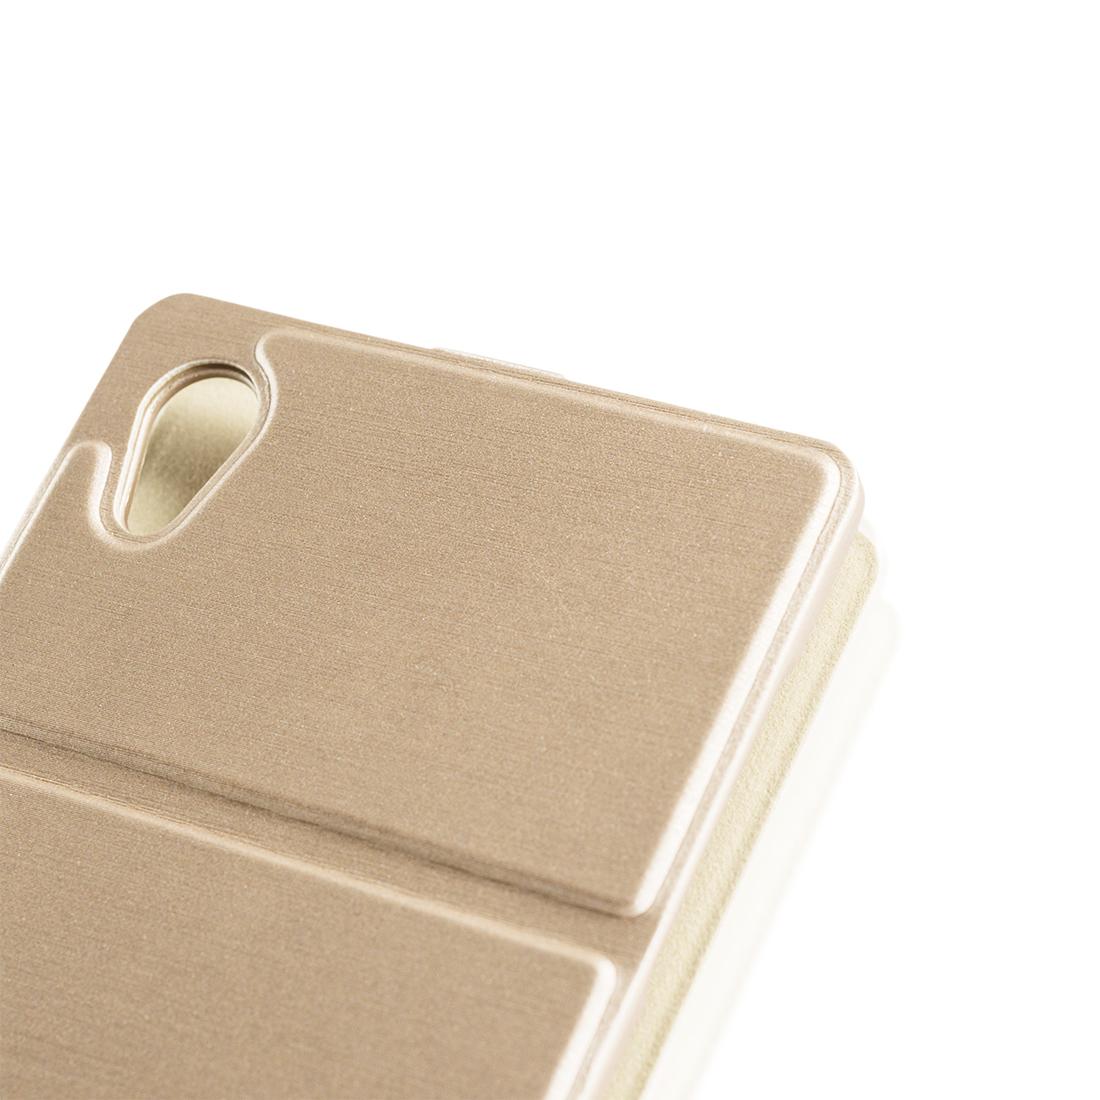 Откидной чехол для Xperia Z5 золотистого цвета купить в Sony Centre Воронеж